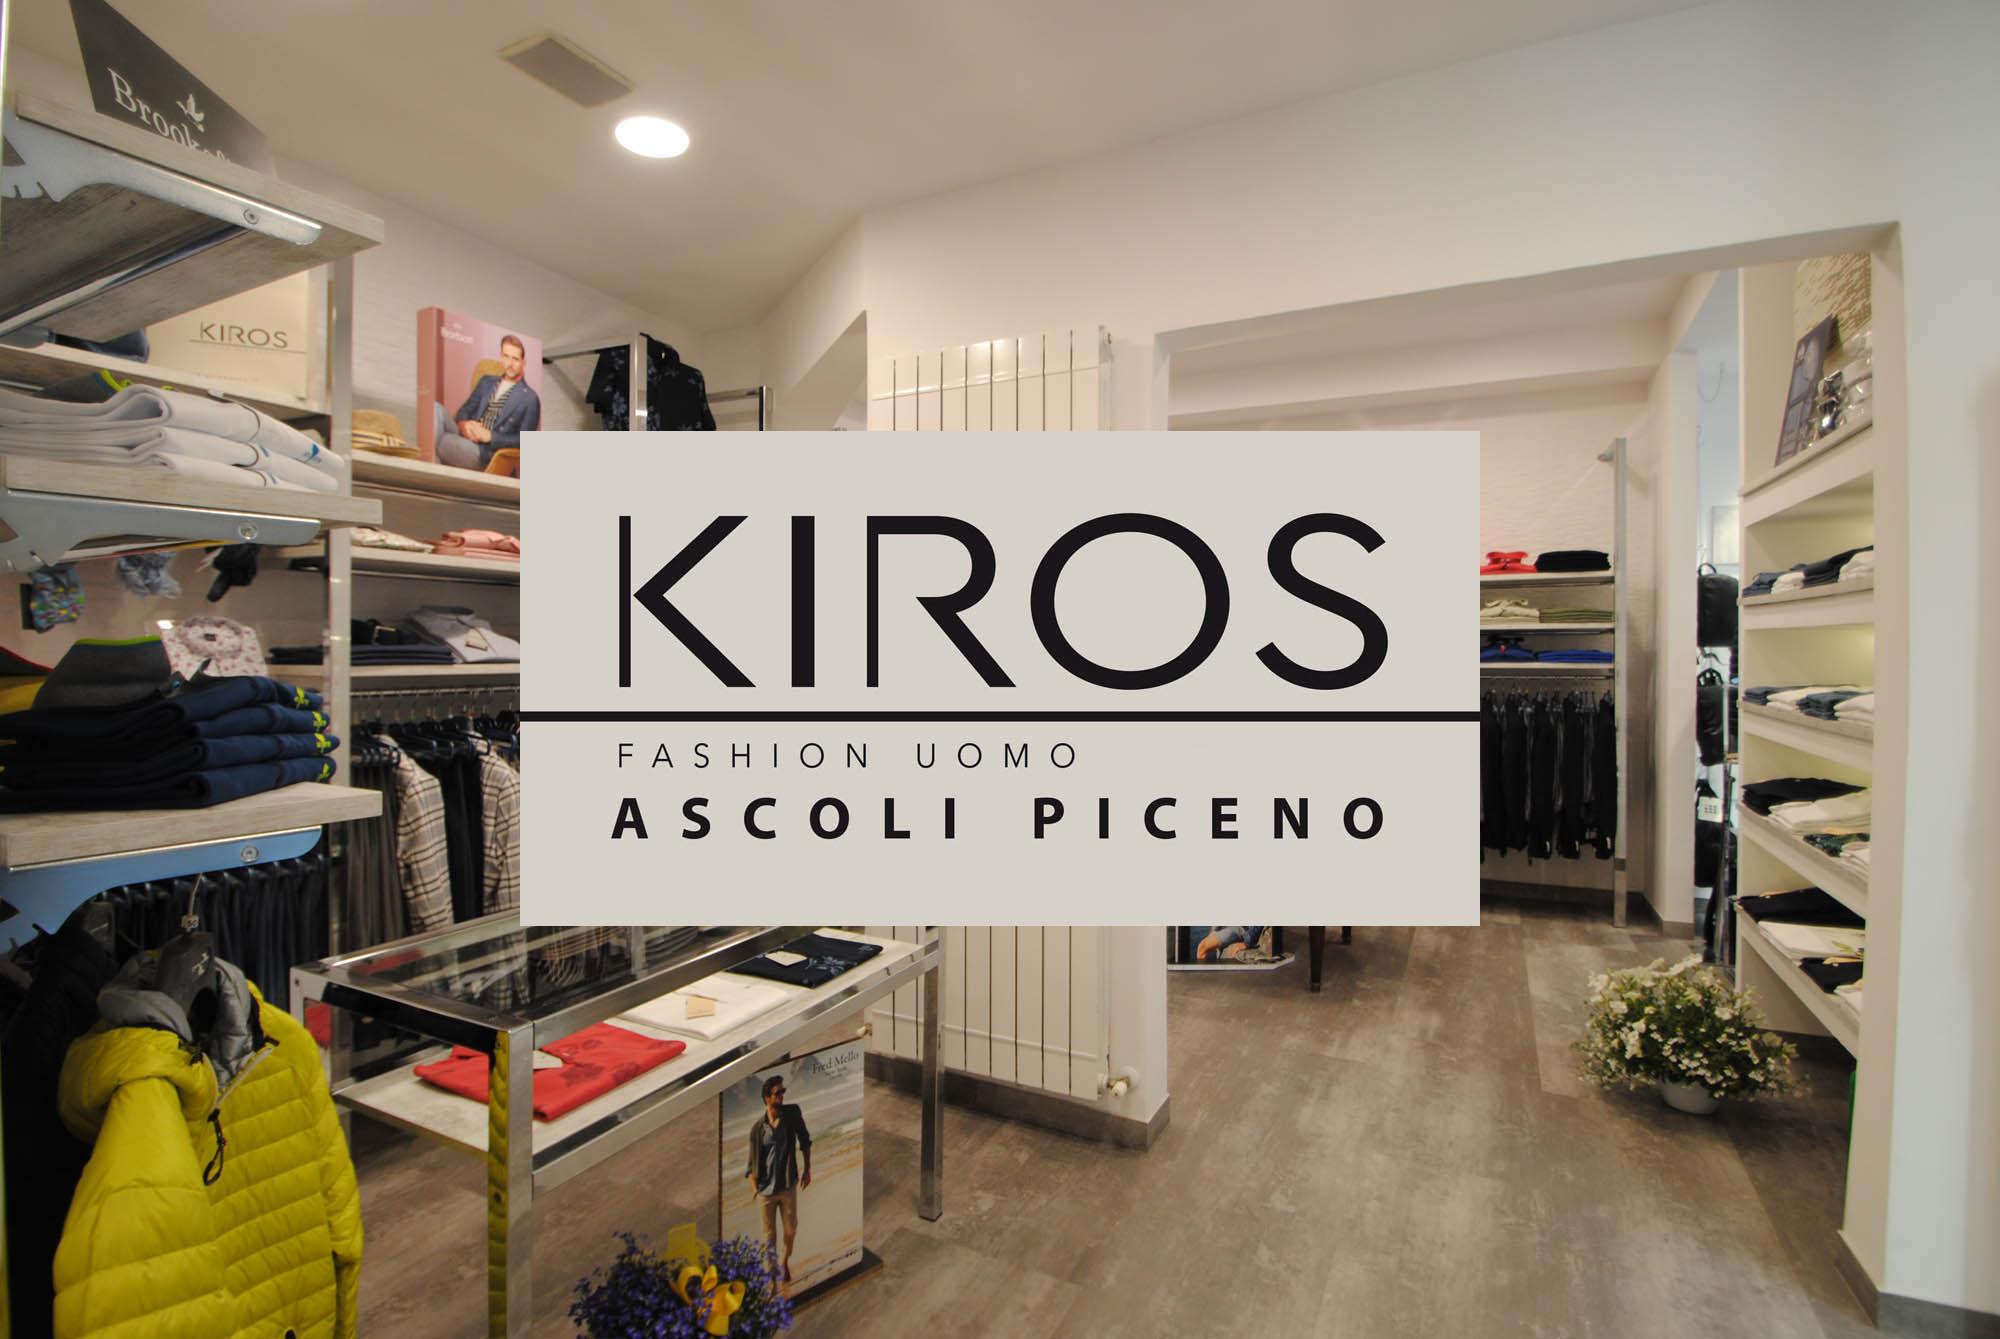 sports shoes d3e3b e7604 FILOSOFIA E MISSION - KIROS Abbigliamento firmato uomo ...